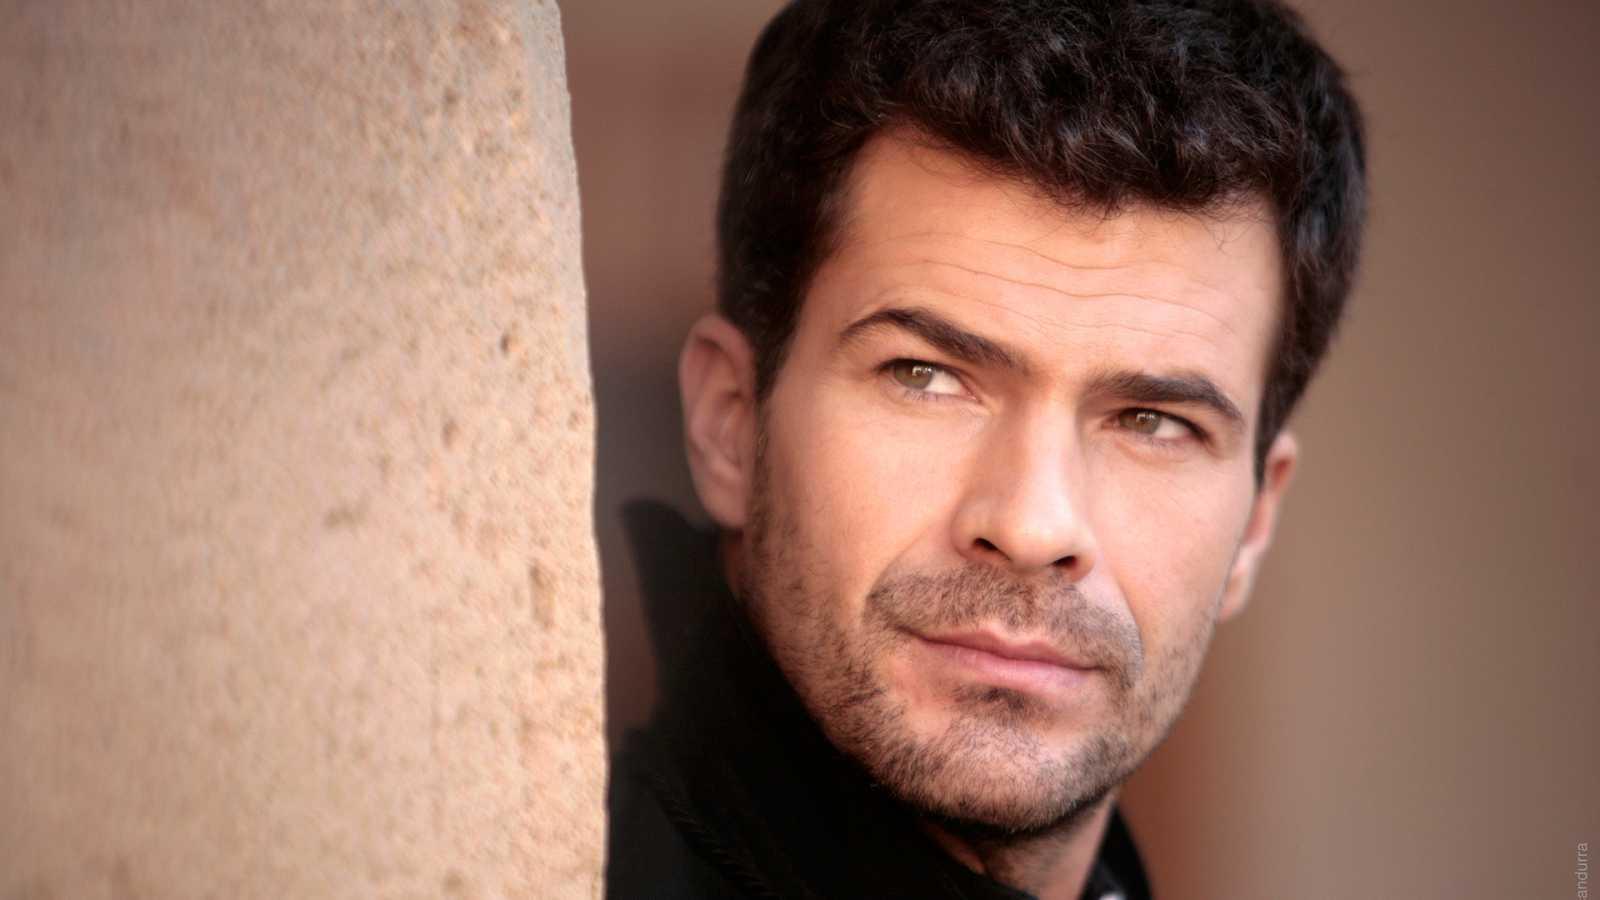 La Señora - Capítulo 14 - Victoria no está dispuesta a convivir con su esposo cuando ha descubierto que es el asesino de su padre - ver ahora